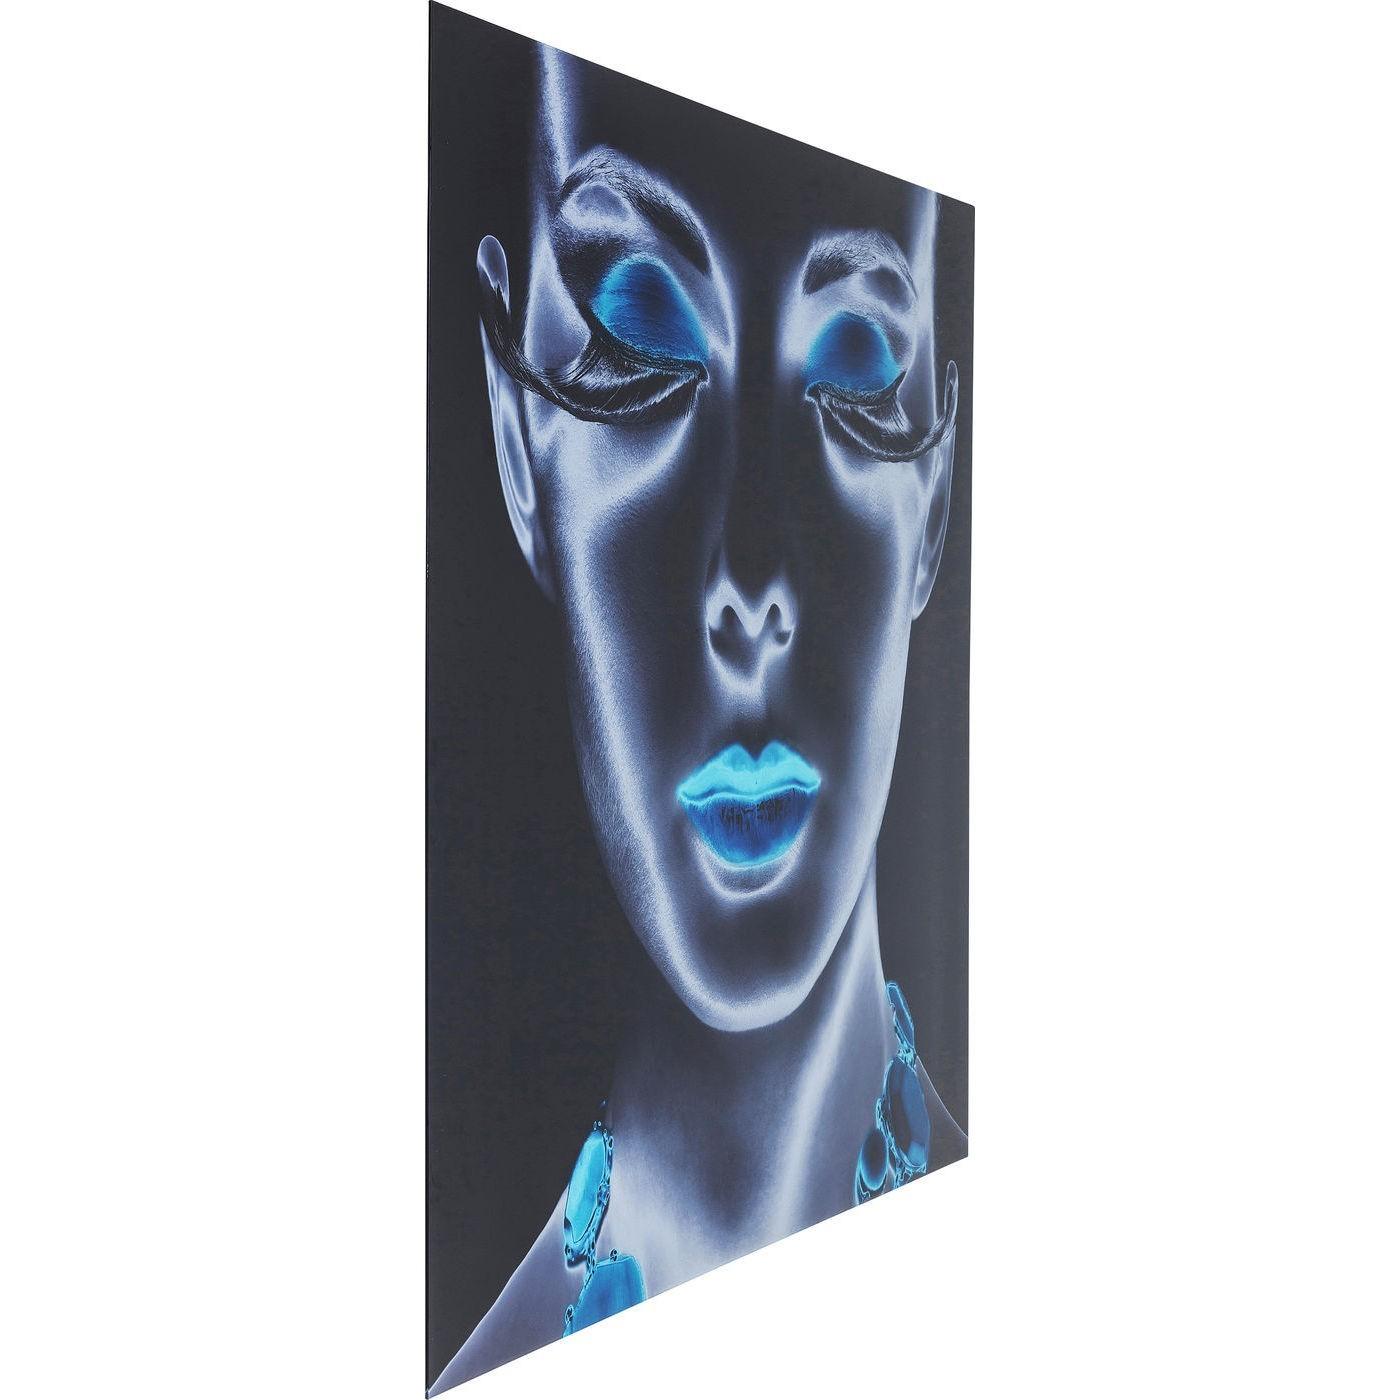 Tableau en verre Diva 120x120cm Kare Design